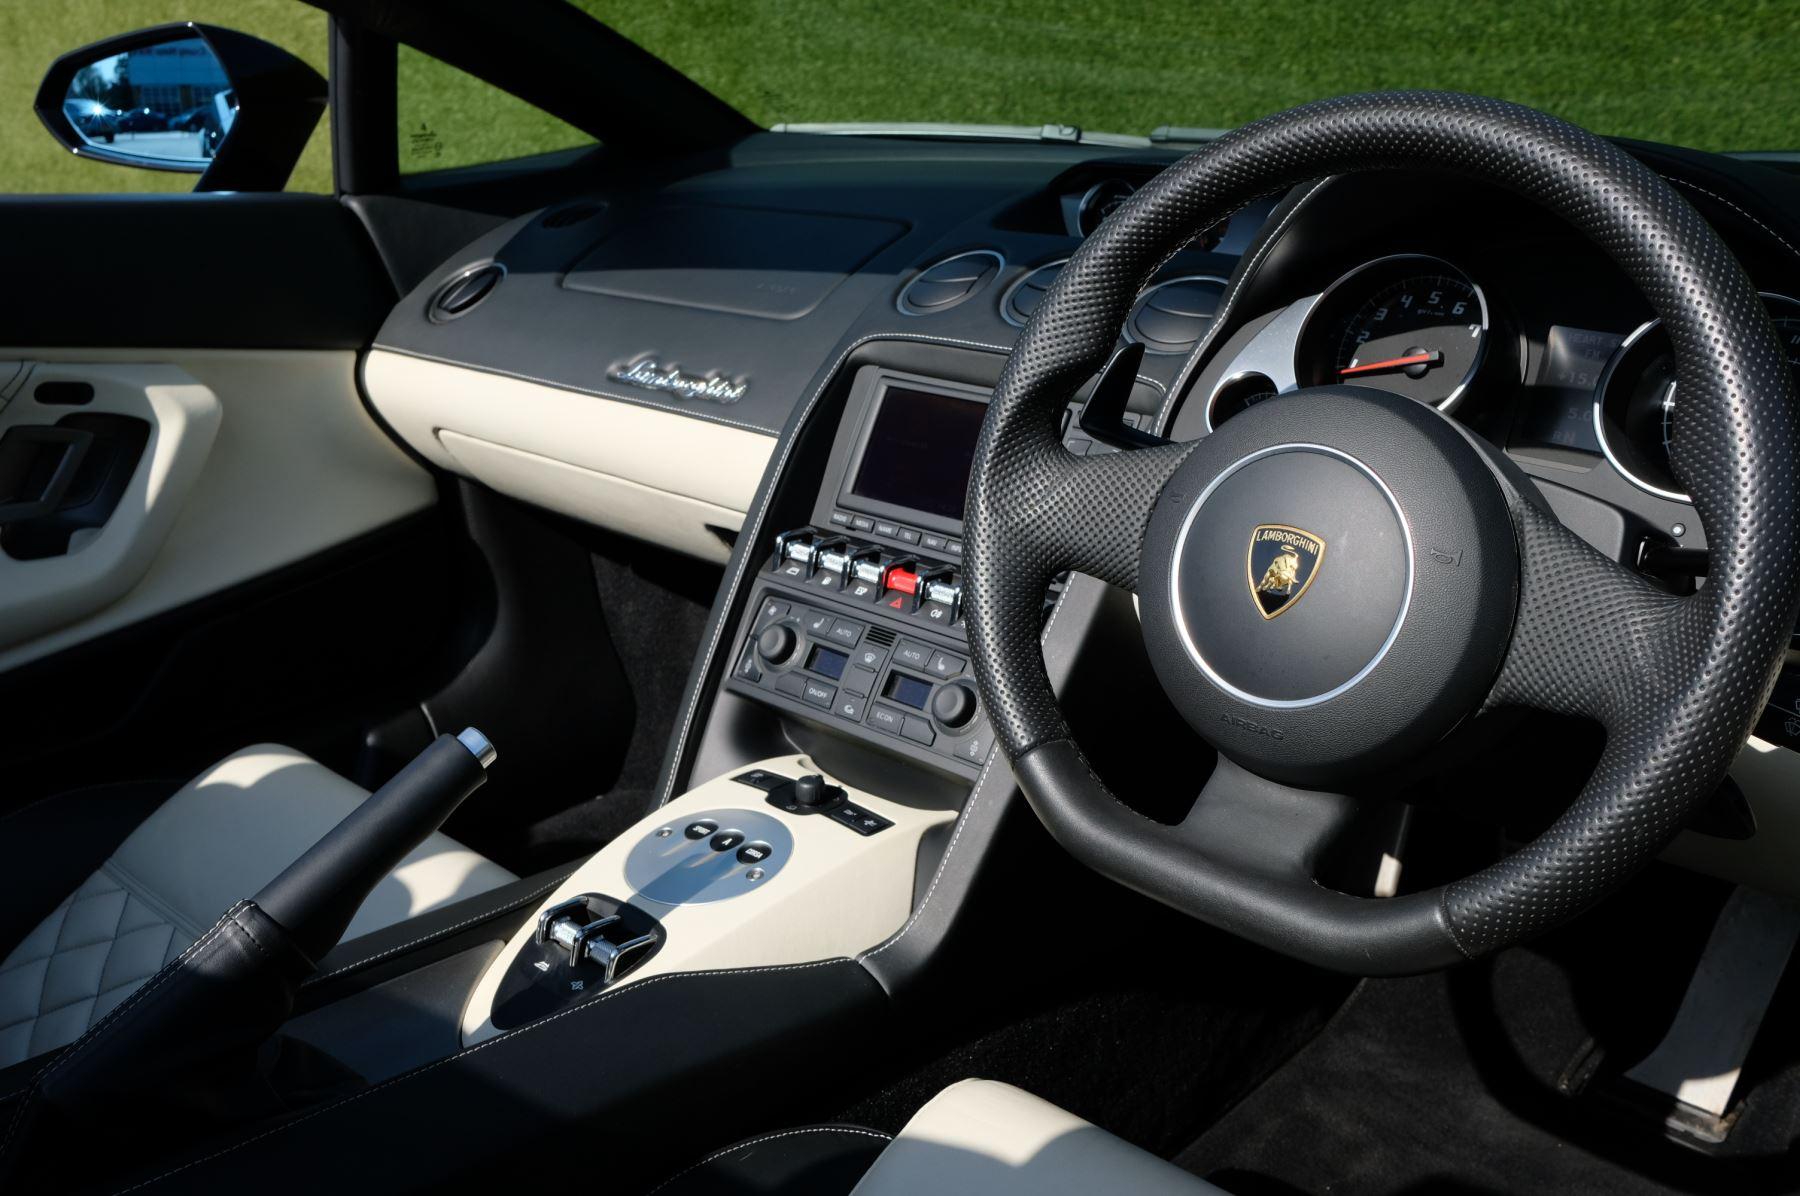 Lamborghini Gallardo LP 560-4 Spyder image 13